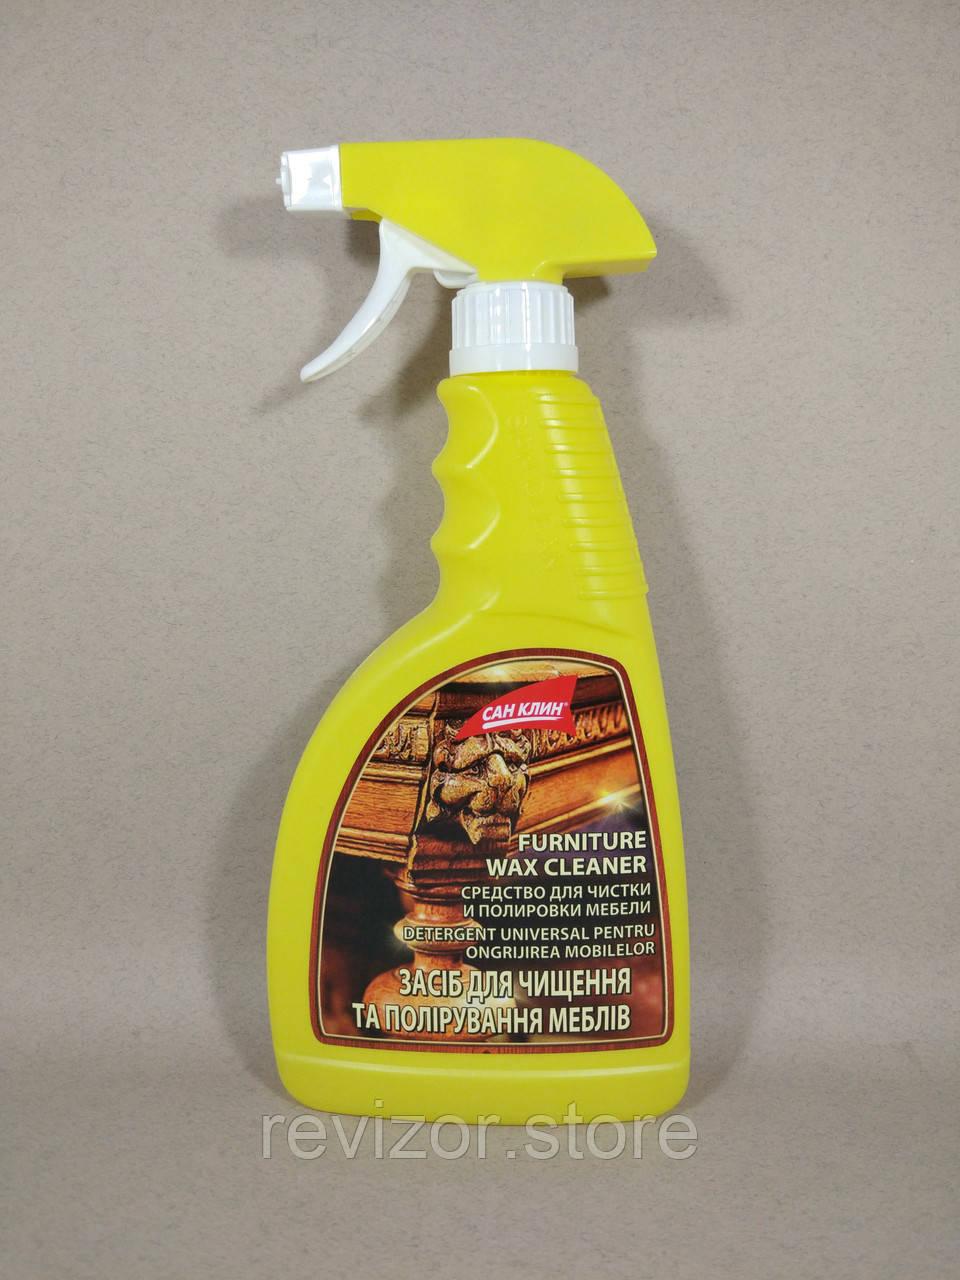 Furniture Wax Cleaner (Для чистки и полировки мебели) Курок- Сан Клин 500мл, фото 1